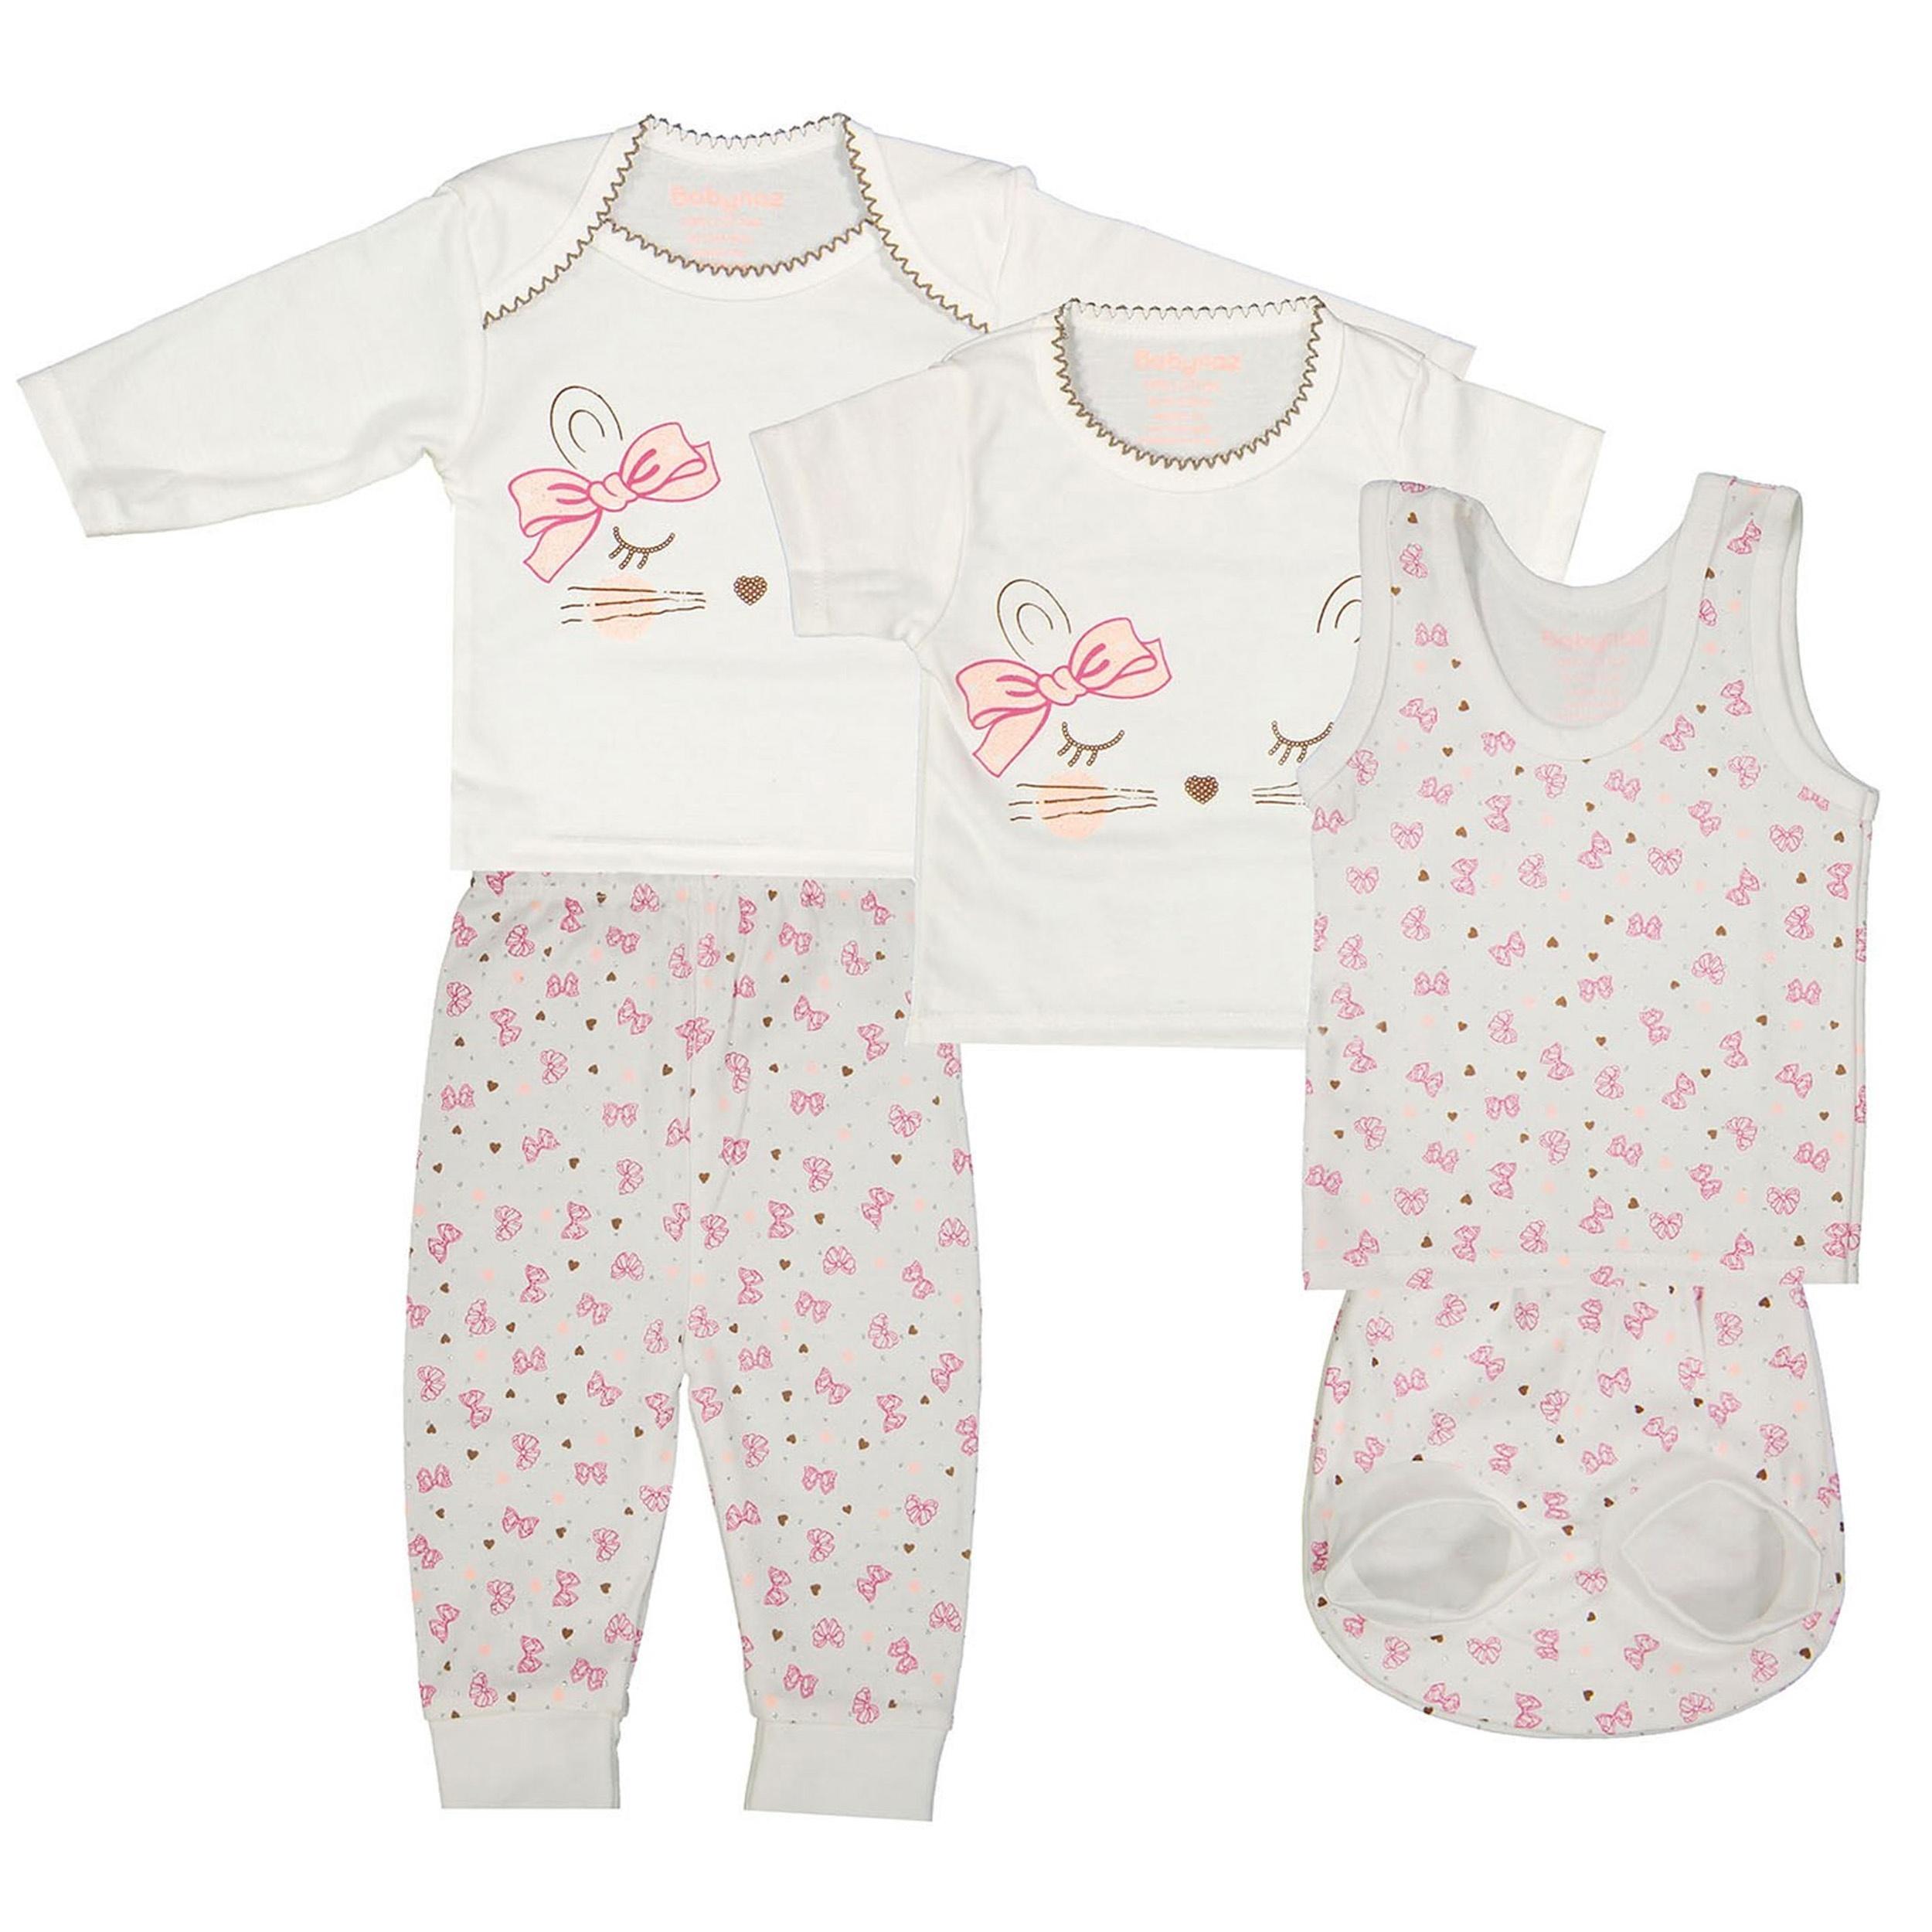 ست 5 تکه نوزادی دخترانه - بی بی ناز